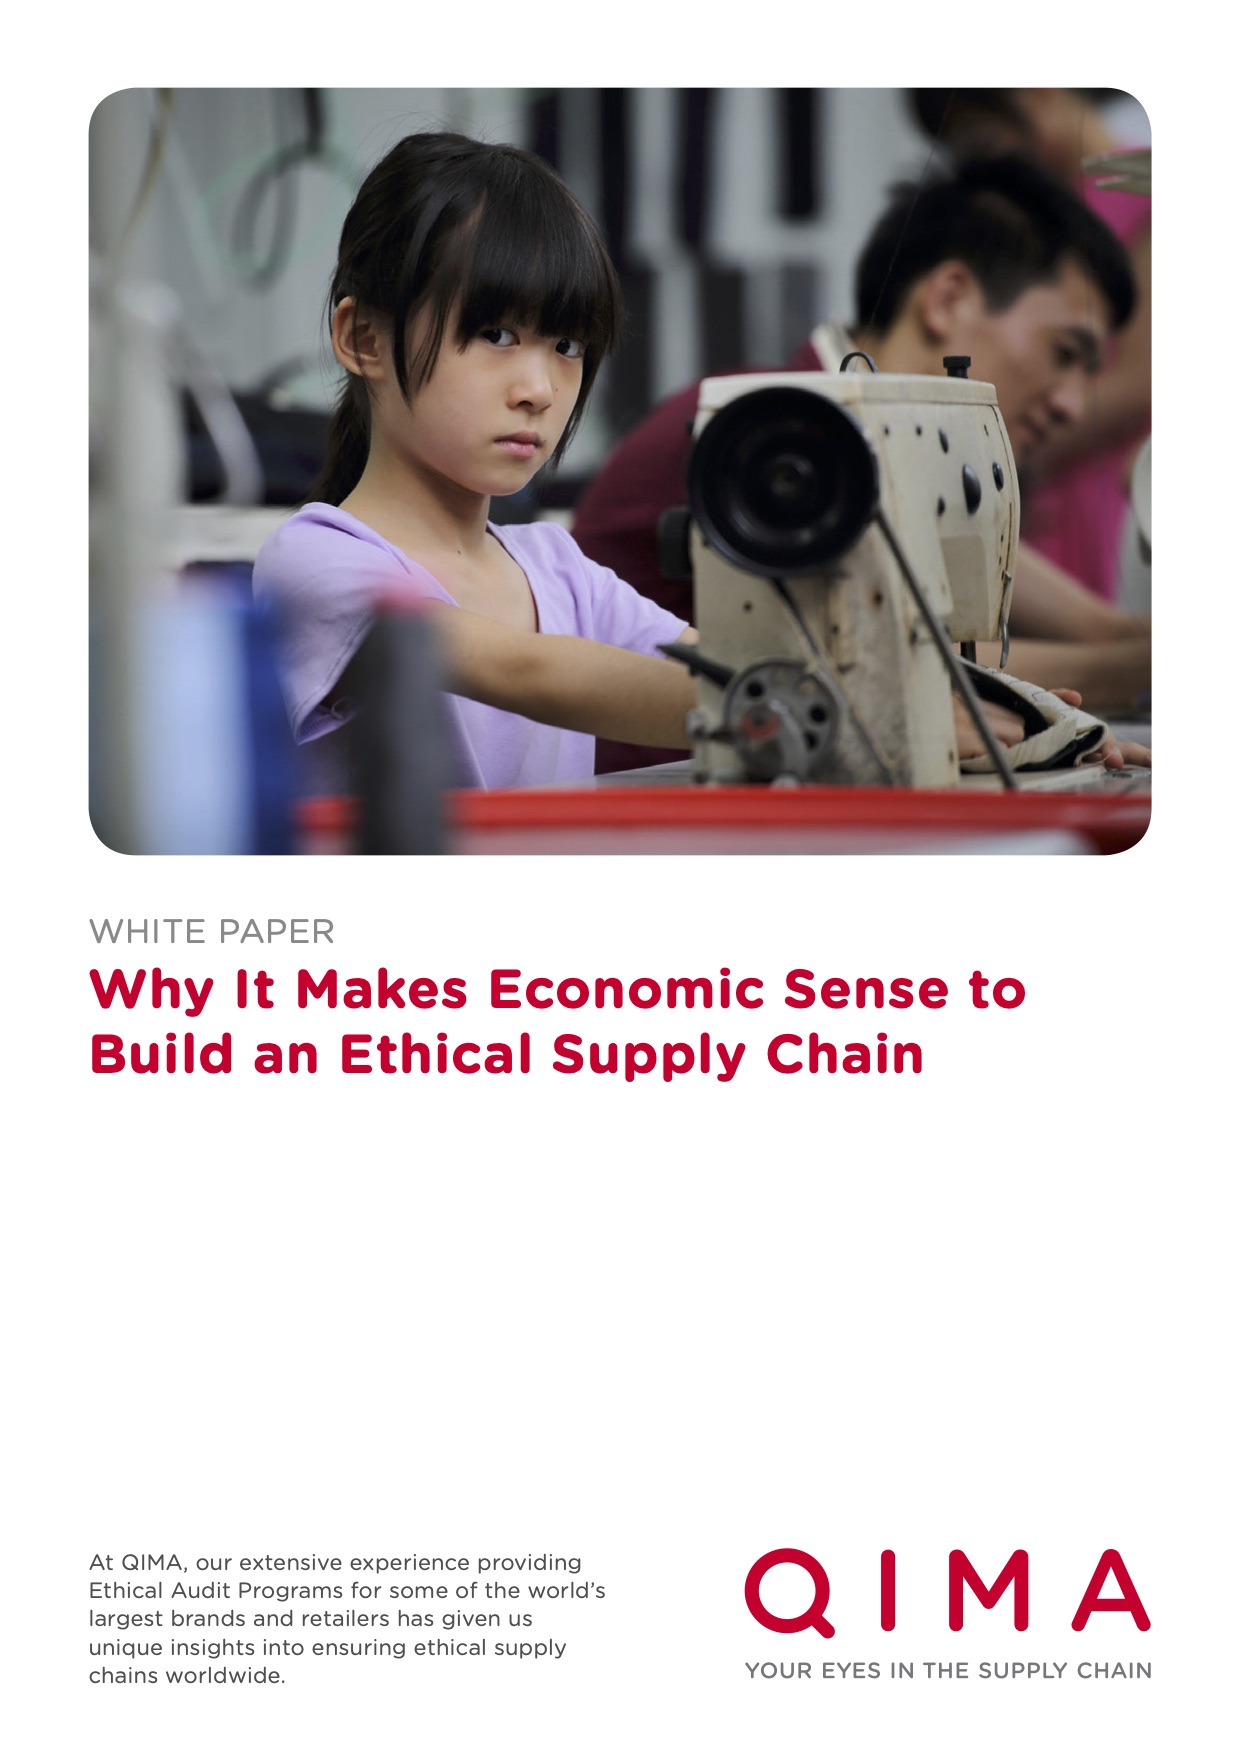 Ethische Lieferketten als Investition, nicht als Kostenpunkt